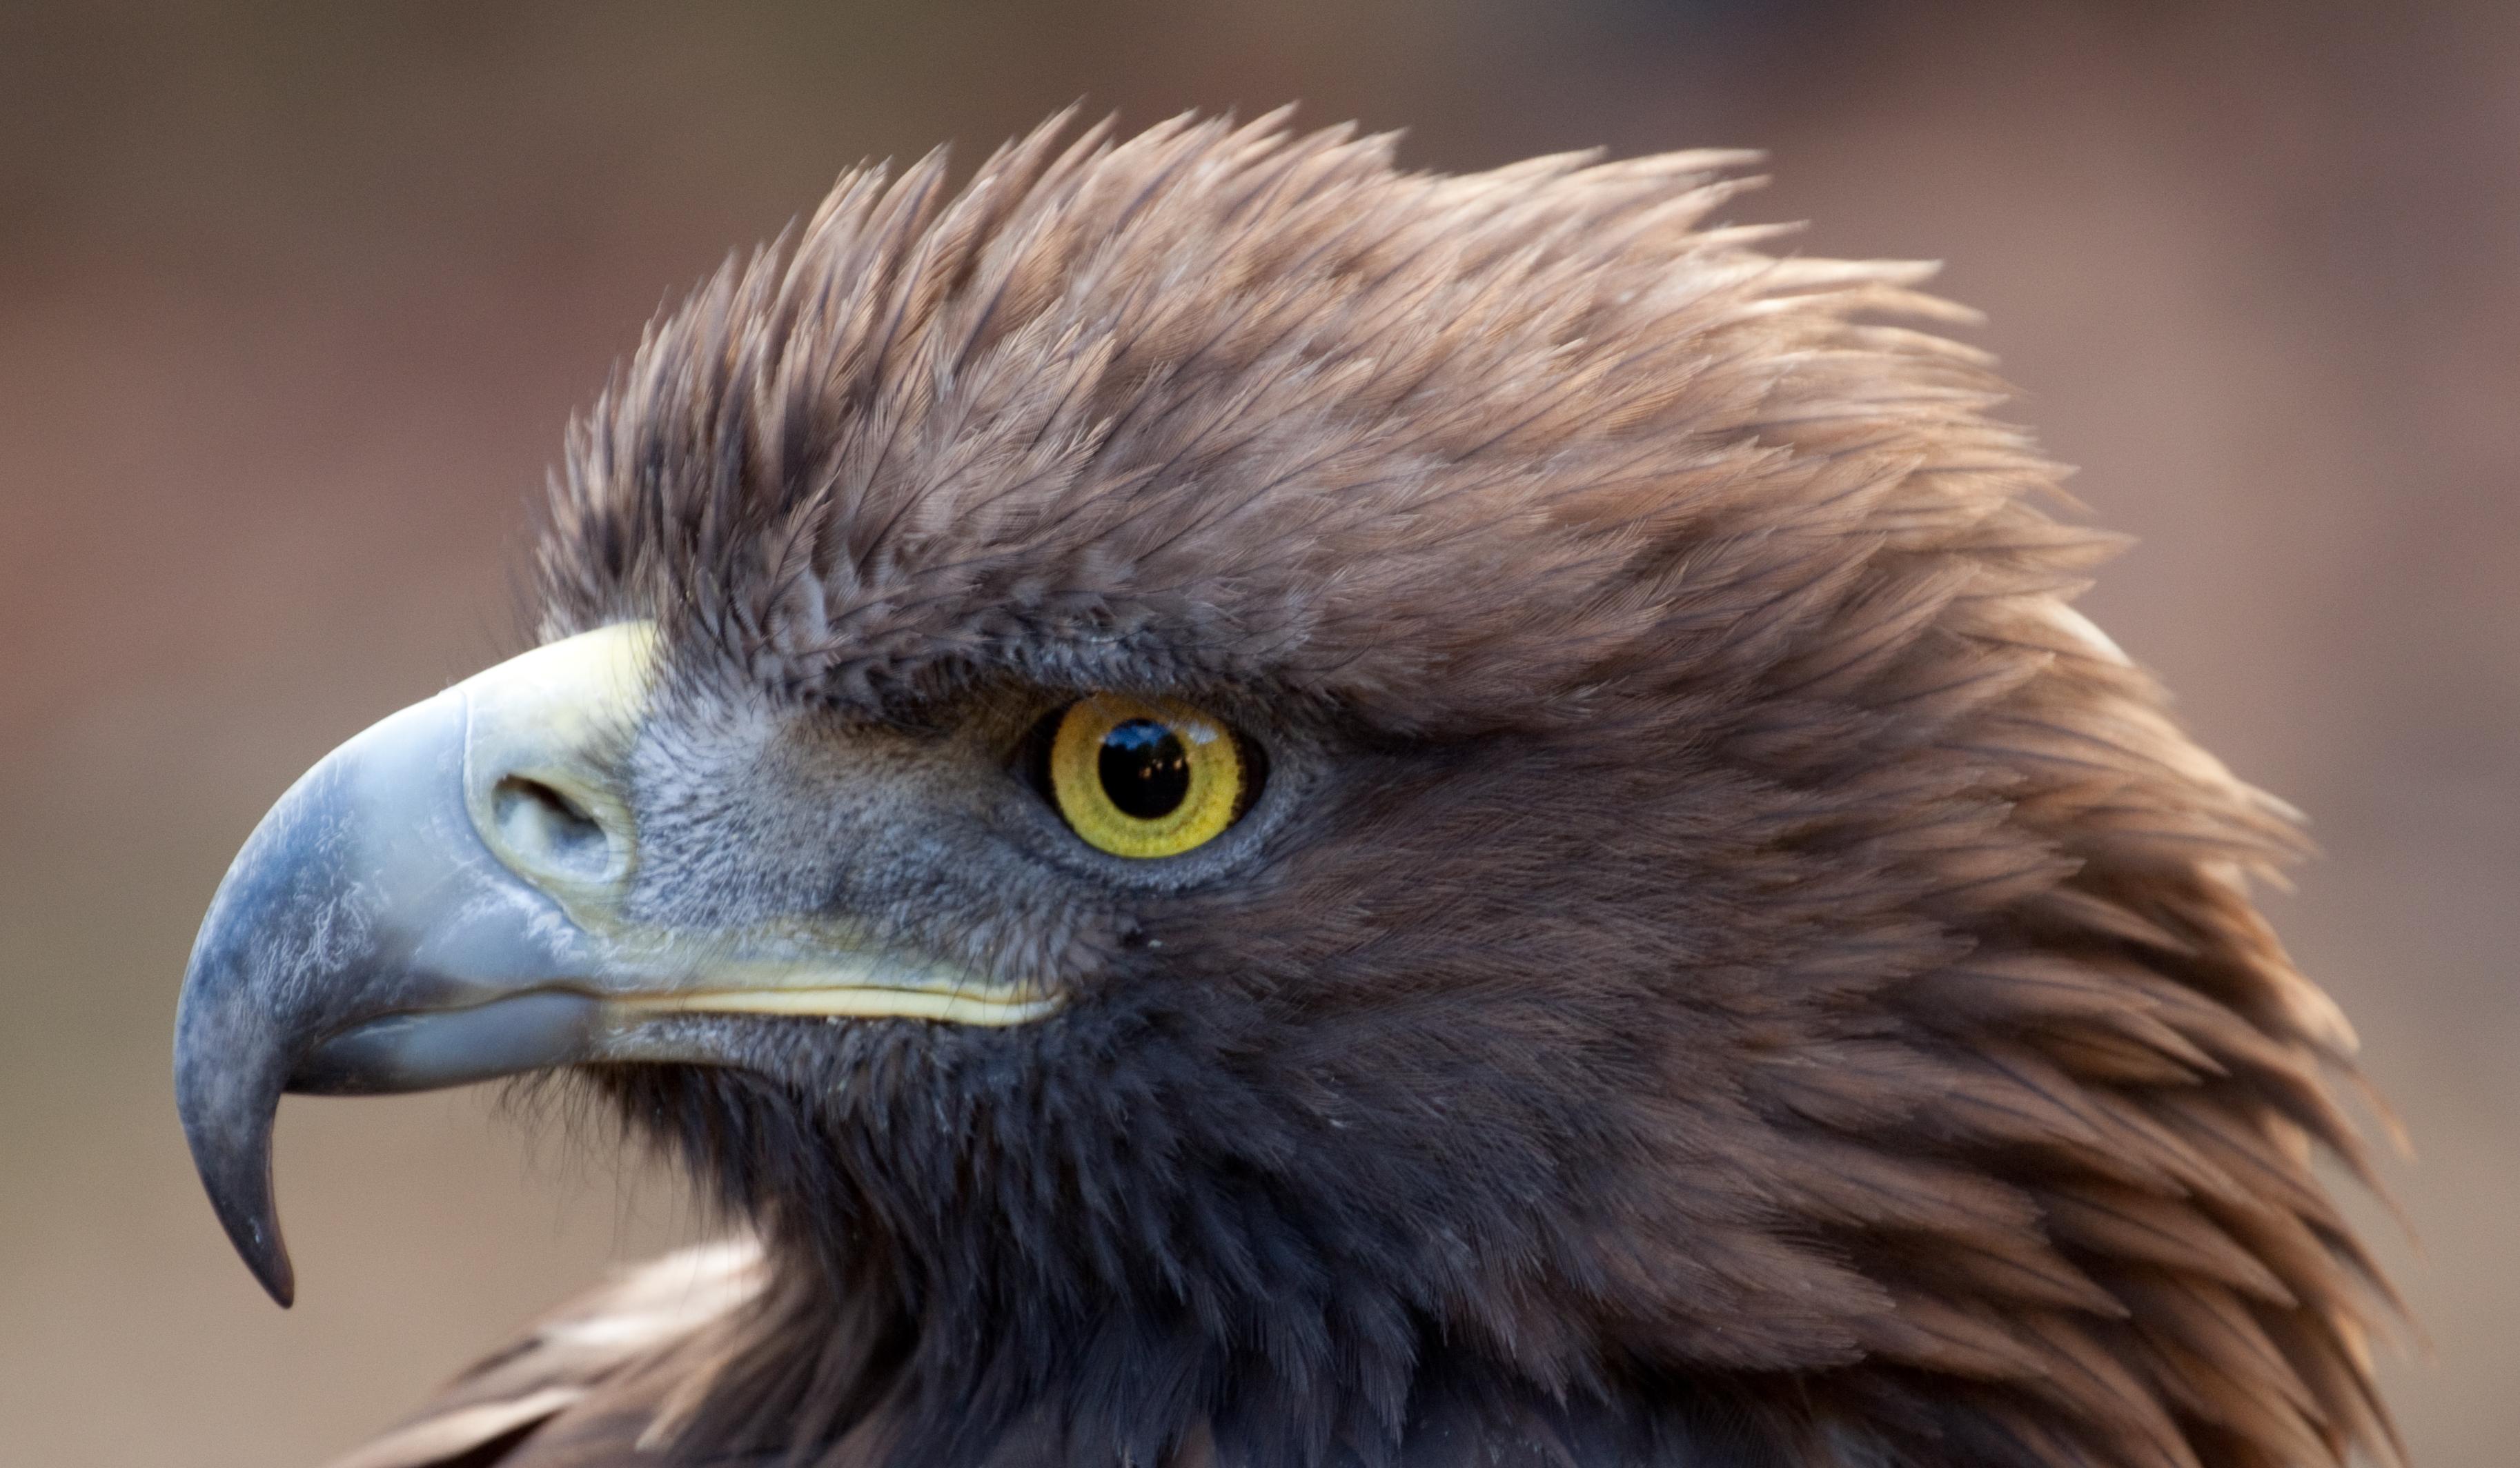 Filegolden Eagle 2c 6447282761 Jpg